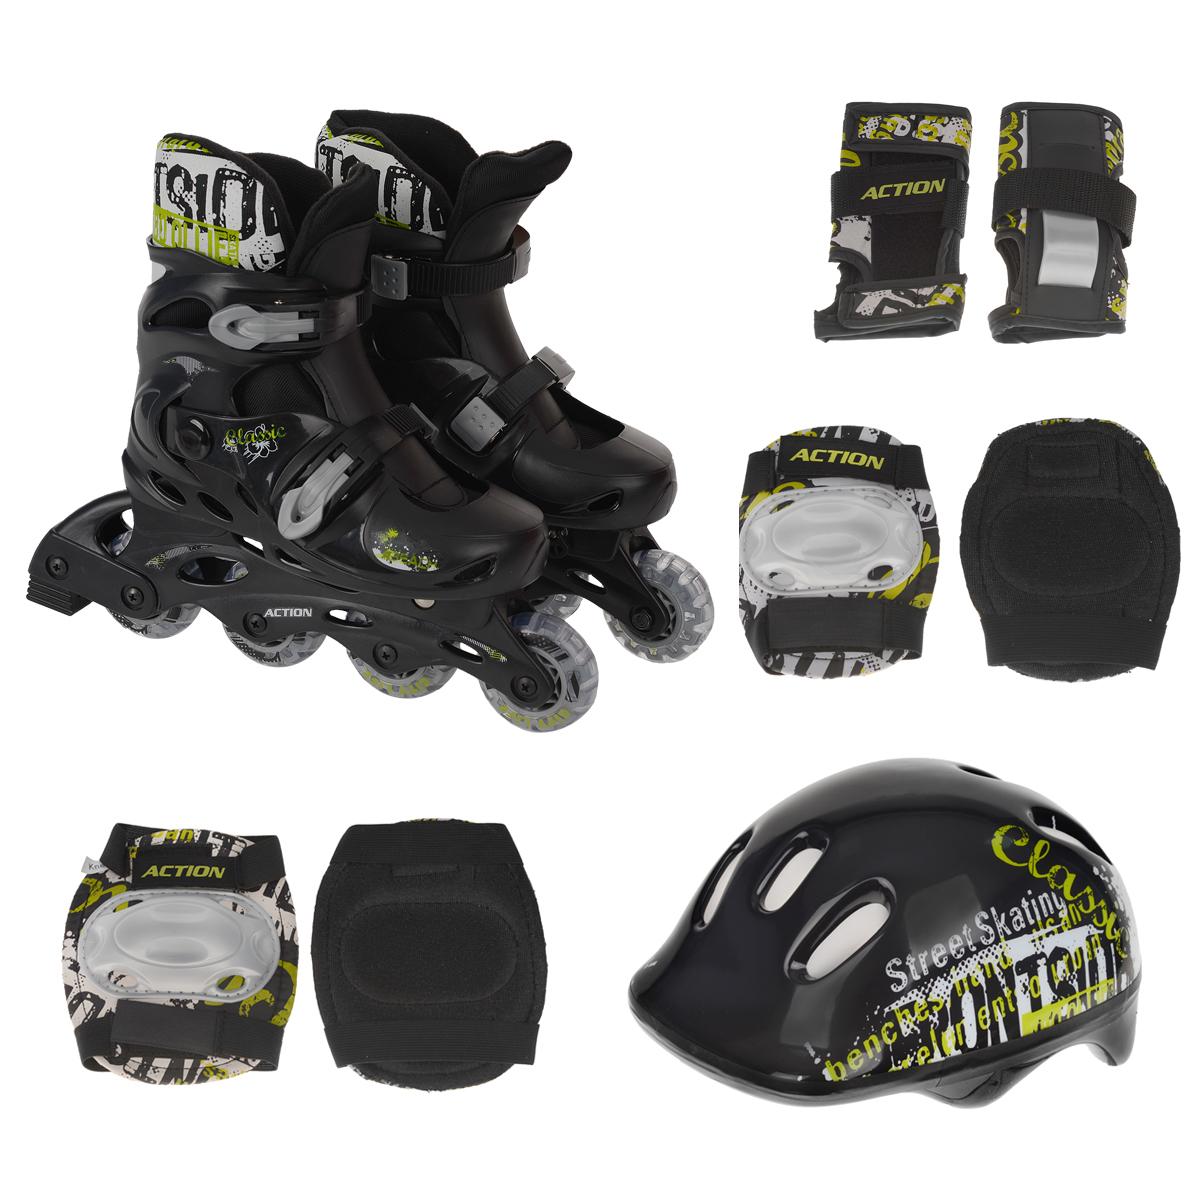 Комплект Action: коньки роликовые, защита, шлем, цвет: черный. PW-120B. Размер 35/38PW-120BРаздвижные коньки Action - это роликовые коньки любительского класса для детей и постоянно растущих подростков, предназначены для занятий спортом и активного отдыха. Коньки имеют пластиковый ботинок со съемным сапожком с раздвижным механизмом, что обеспечивает хорошую посадку и пластичность, а для еще более комфортного катания ботинки коньков оснащены двумя клипсами с фиксаторами. Облегченная, анатомически облегающая конструкция обеспечивает улучшенную боковую поддержку и полный контроль над движением. Рама изготовлена из пластика, а колеса из полиуретана с 608Z. Диаметр колес 64 мм. В каждой модели роликов есть тормоз. К роликам прилагается полный комплект защиты: шлем (из плотного пенопласта с верхним покрытием из пластика), защита рук, коленей, локтей. Двухкомпонентная система с внутренними вставками поглощает энергию удара, снимает нагрузку с суставов и снижает риск получения травм. Все это упаковано в специальную сумку-переноску-рюкзак с прозрачными сетчатым...